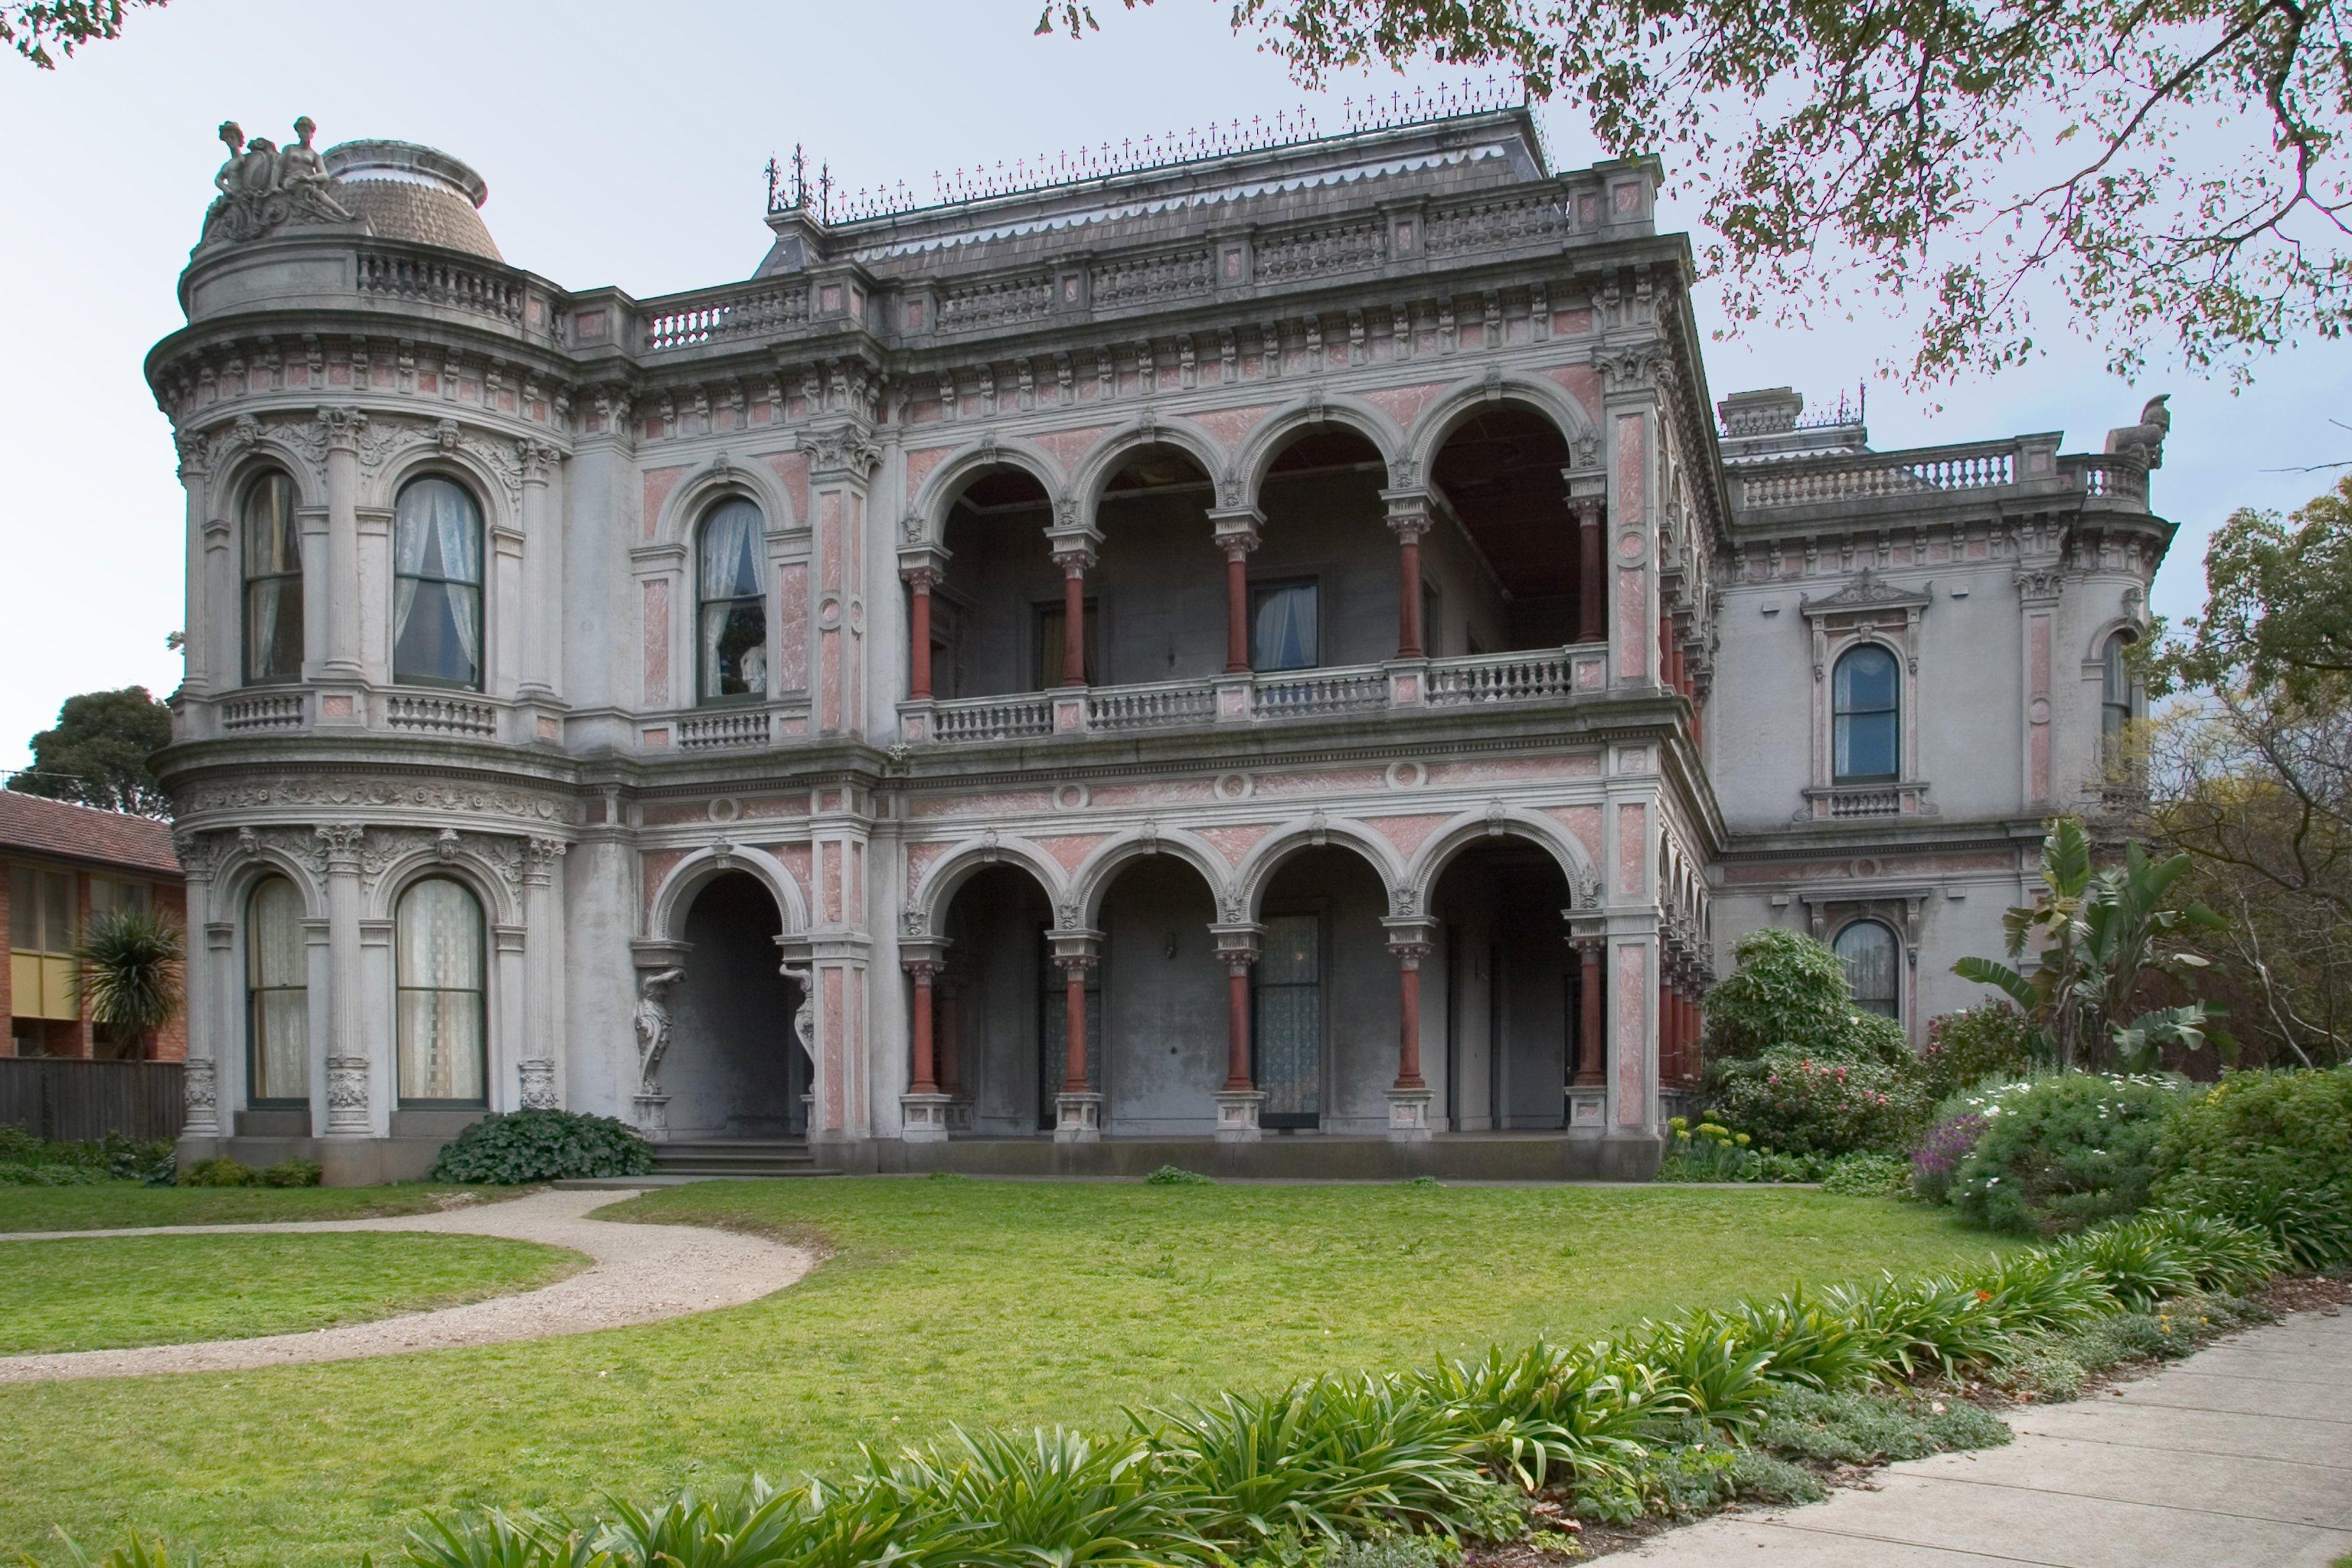 самом протоколе фотографии старинные дома австралии обычной основе либо